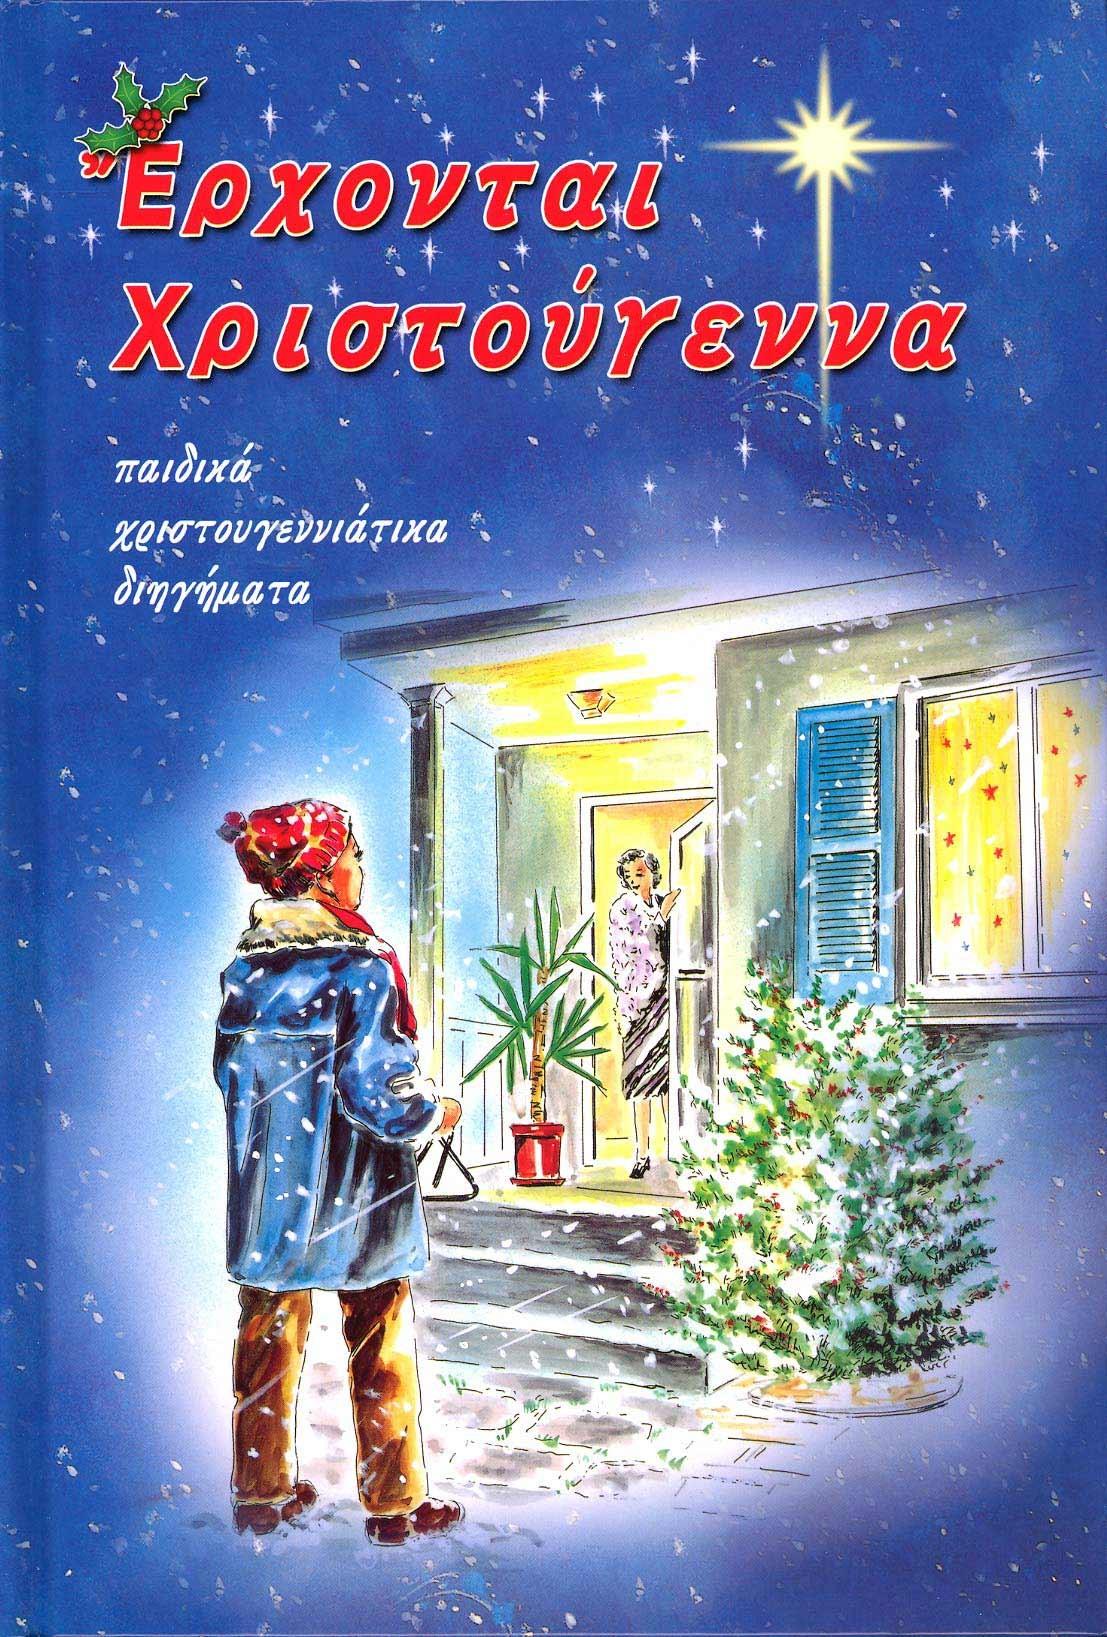 Χριστουγεννιάτικα ΕΡΧΟΝΤΑΙ ΧΡΙΣΤΟΥΓΕΝΝΑ